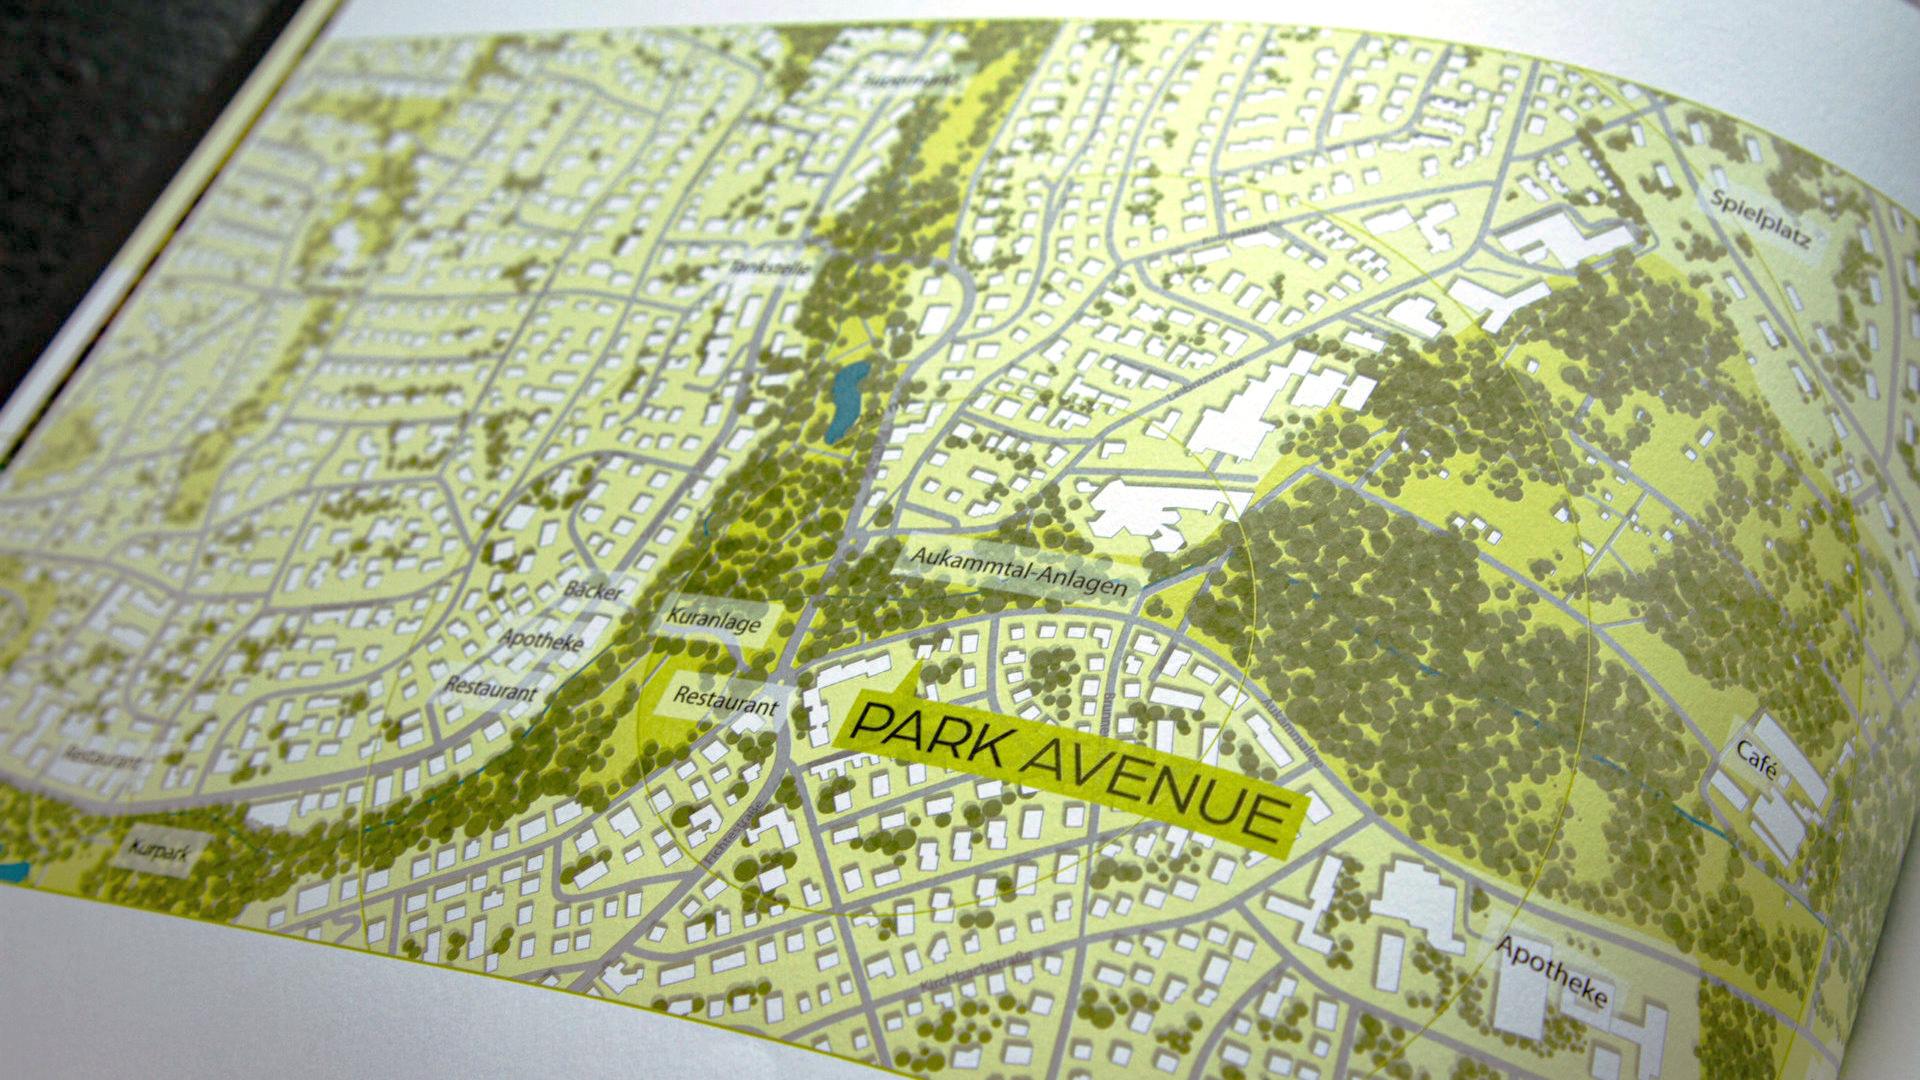 PARK-AVENUE_2_Raum_Visionen_Immobilien_marketing